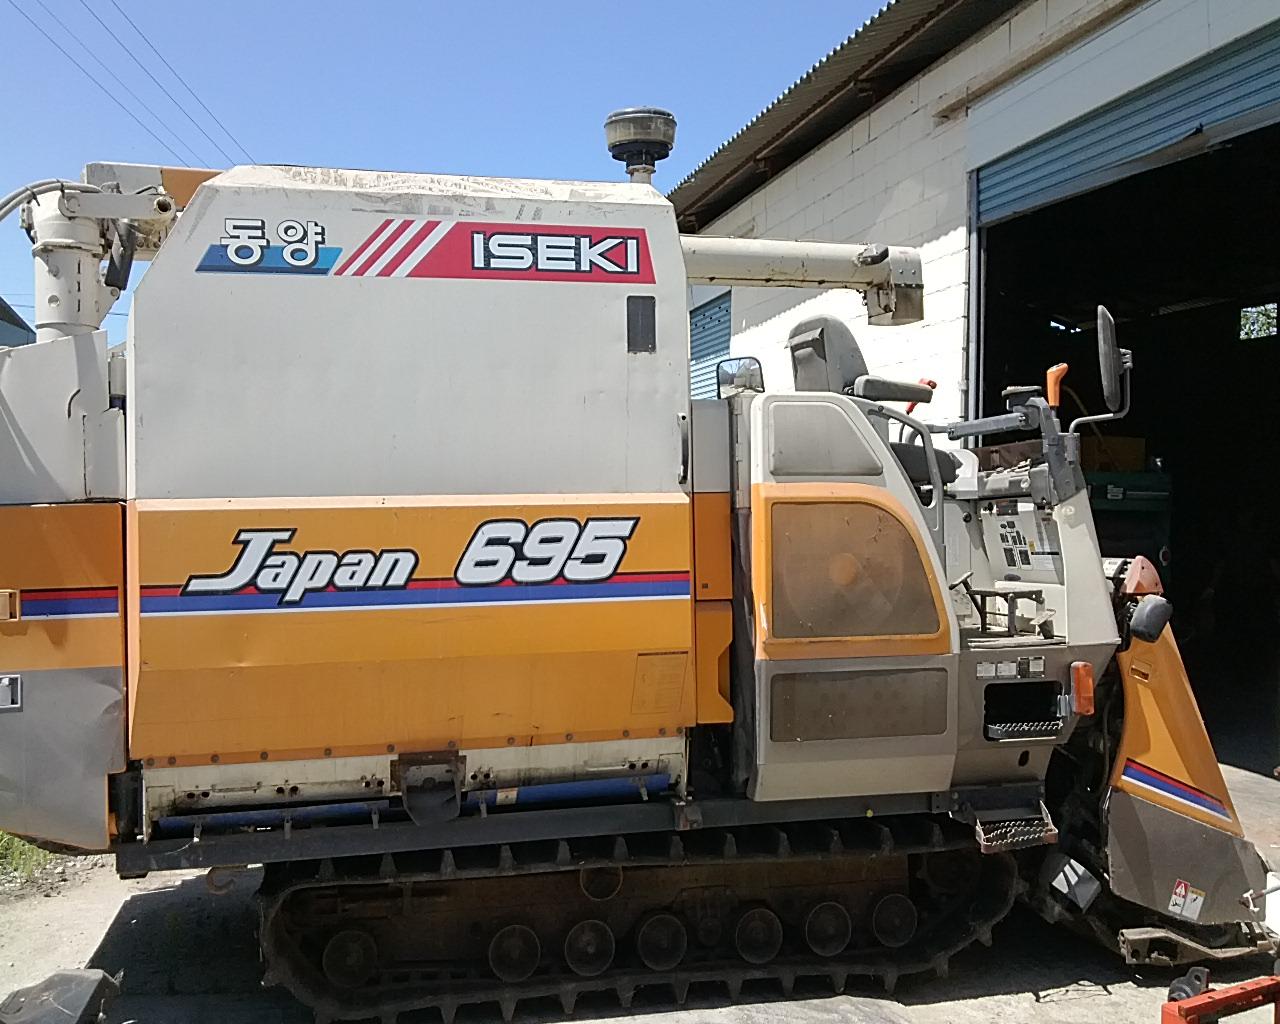 Combine Harvester(Iseki 695)